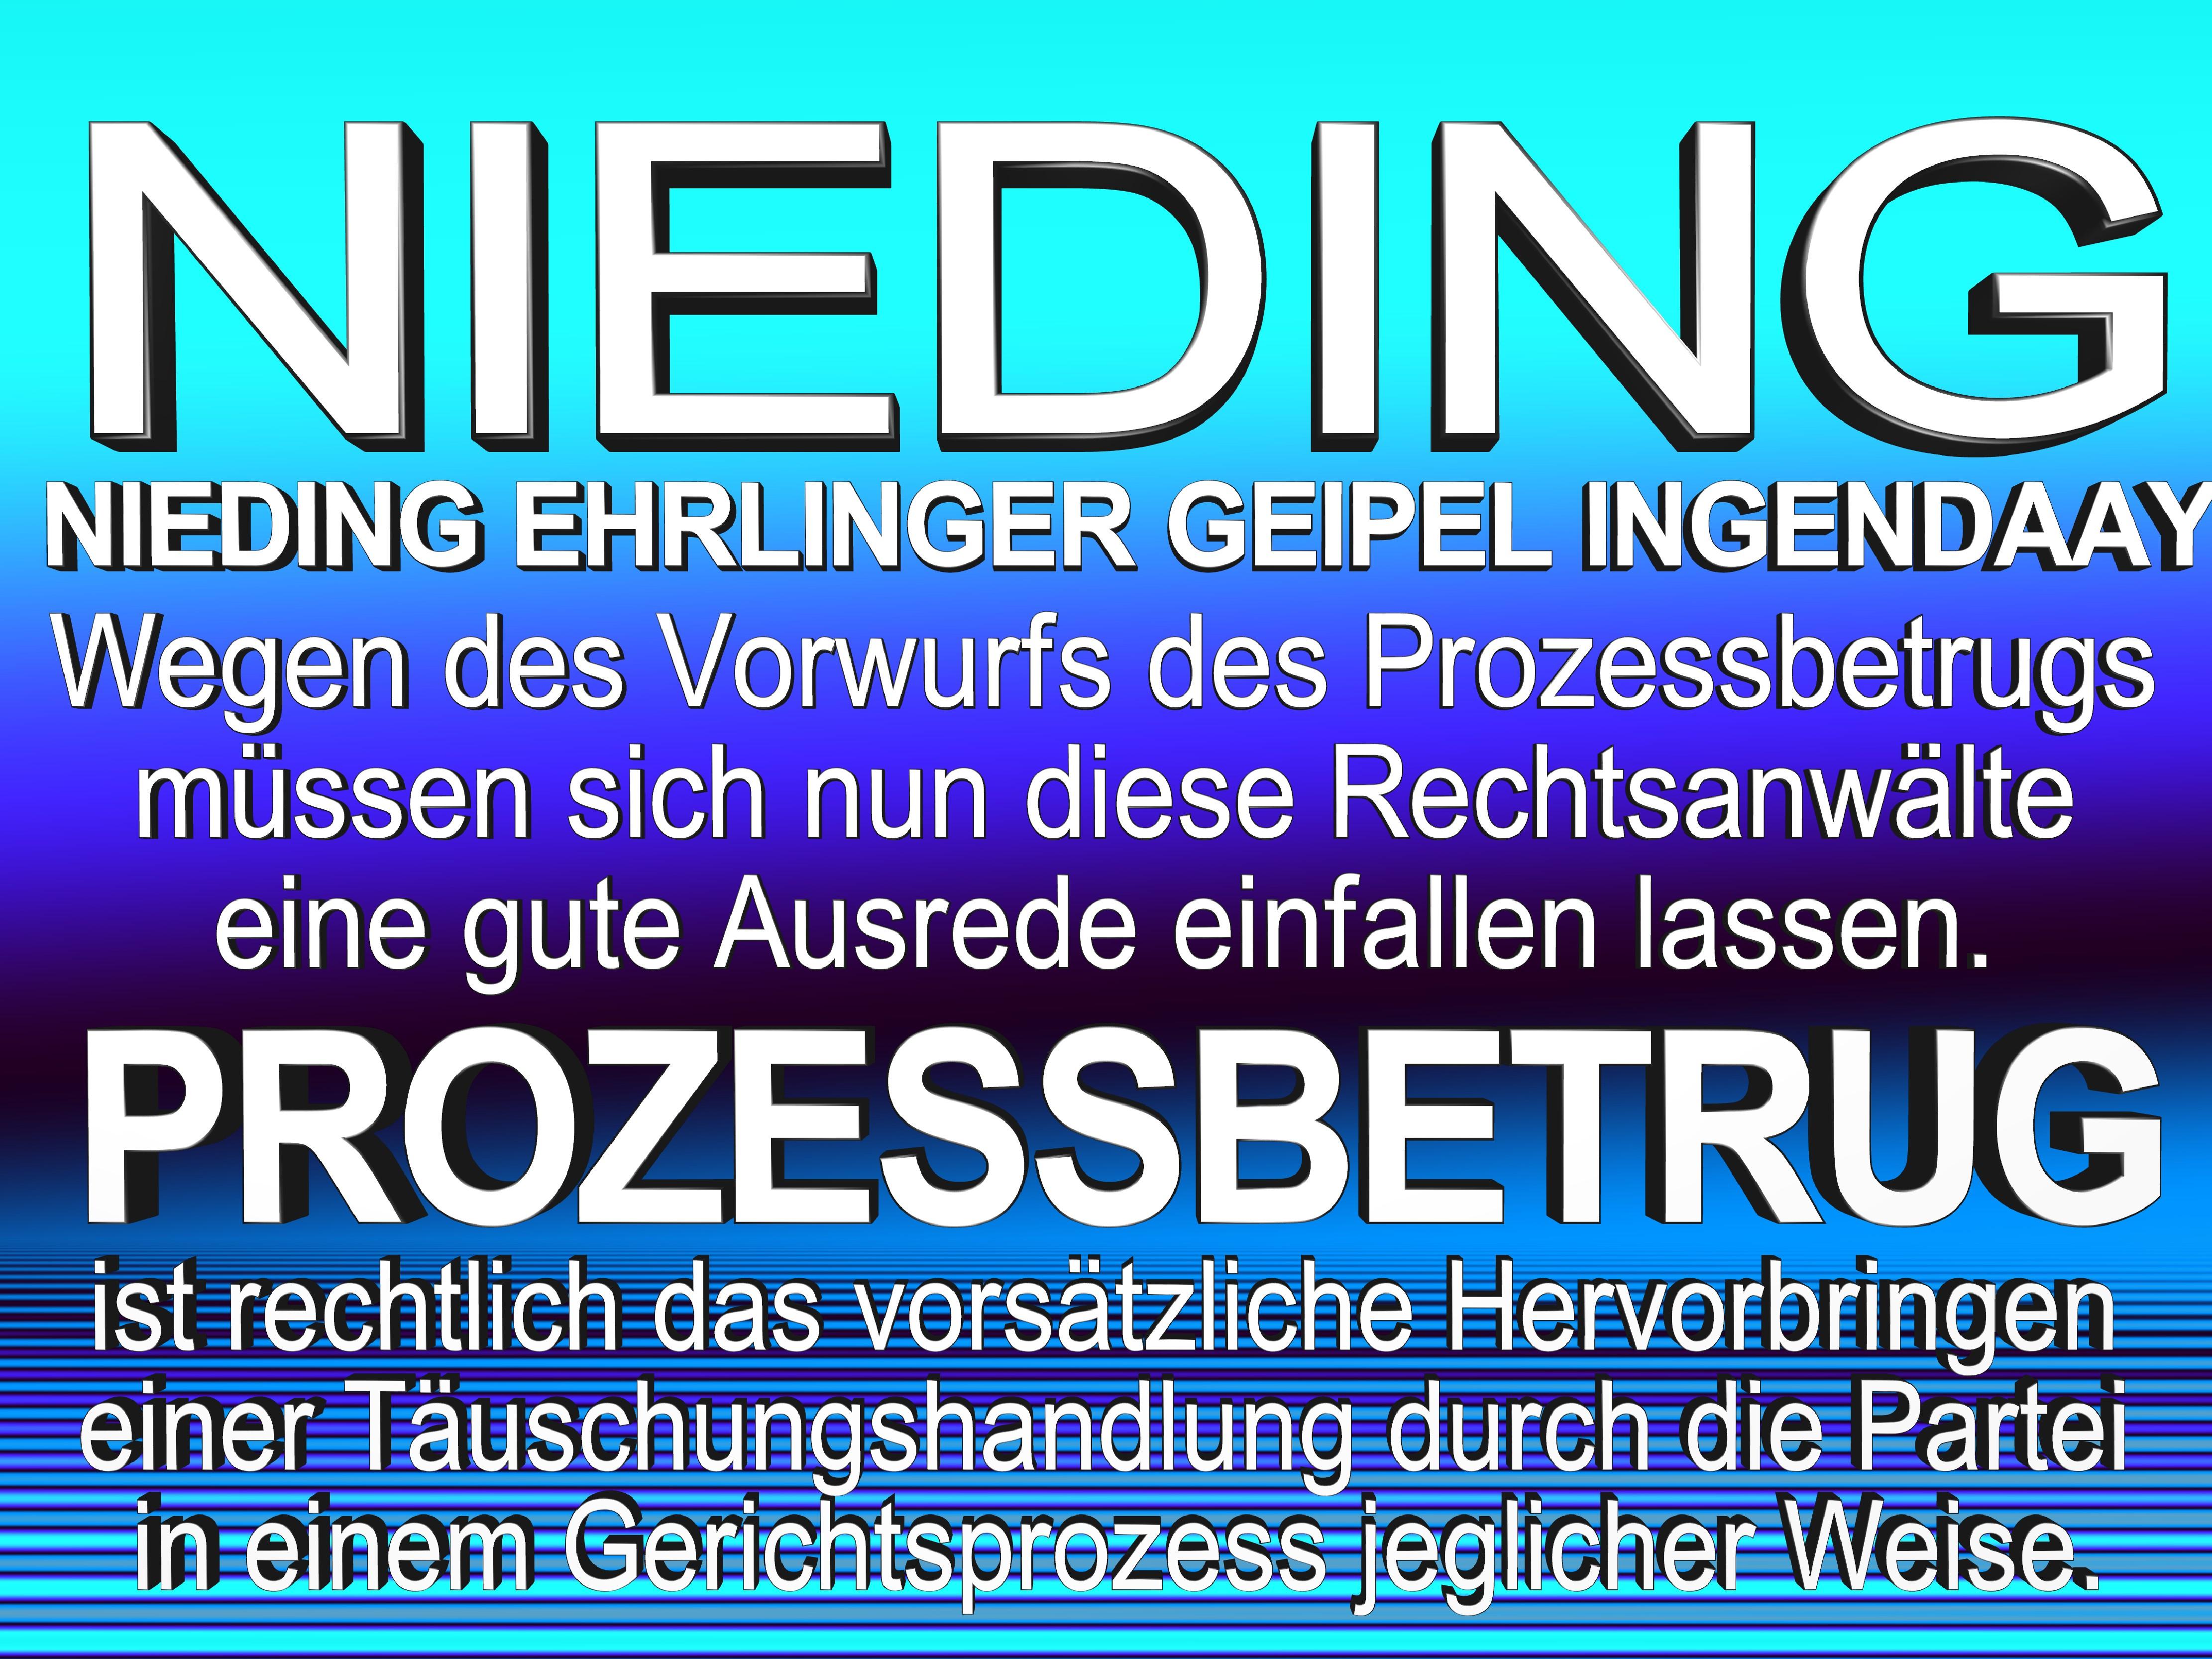 NIEDING EHRLINGER GEIPEL INGENDAAY LELKE Kurfürstendamm 66 Berlin (37)